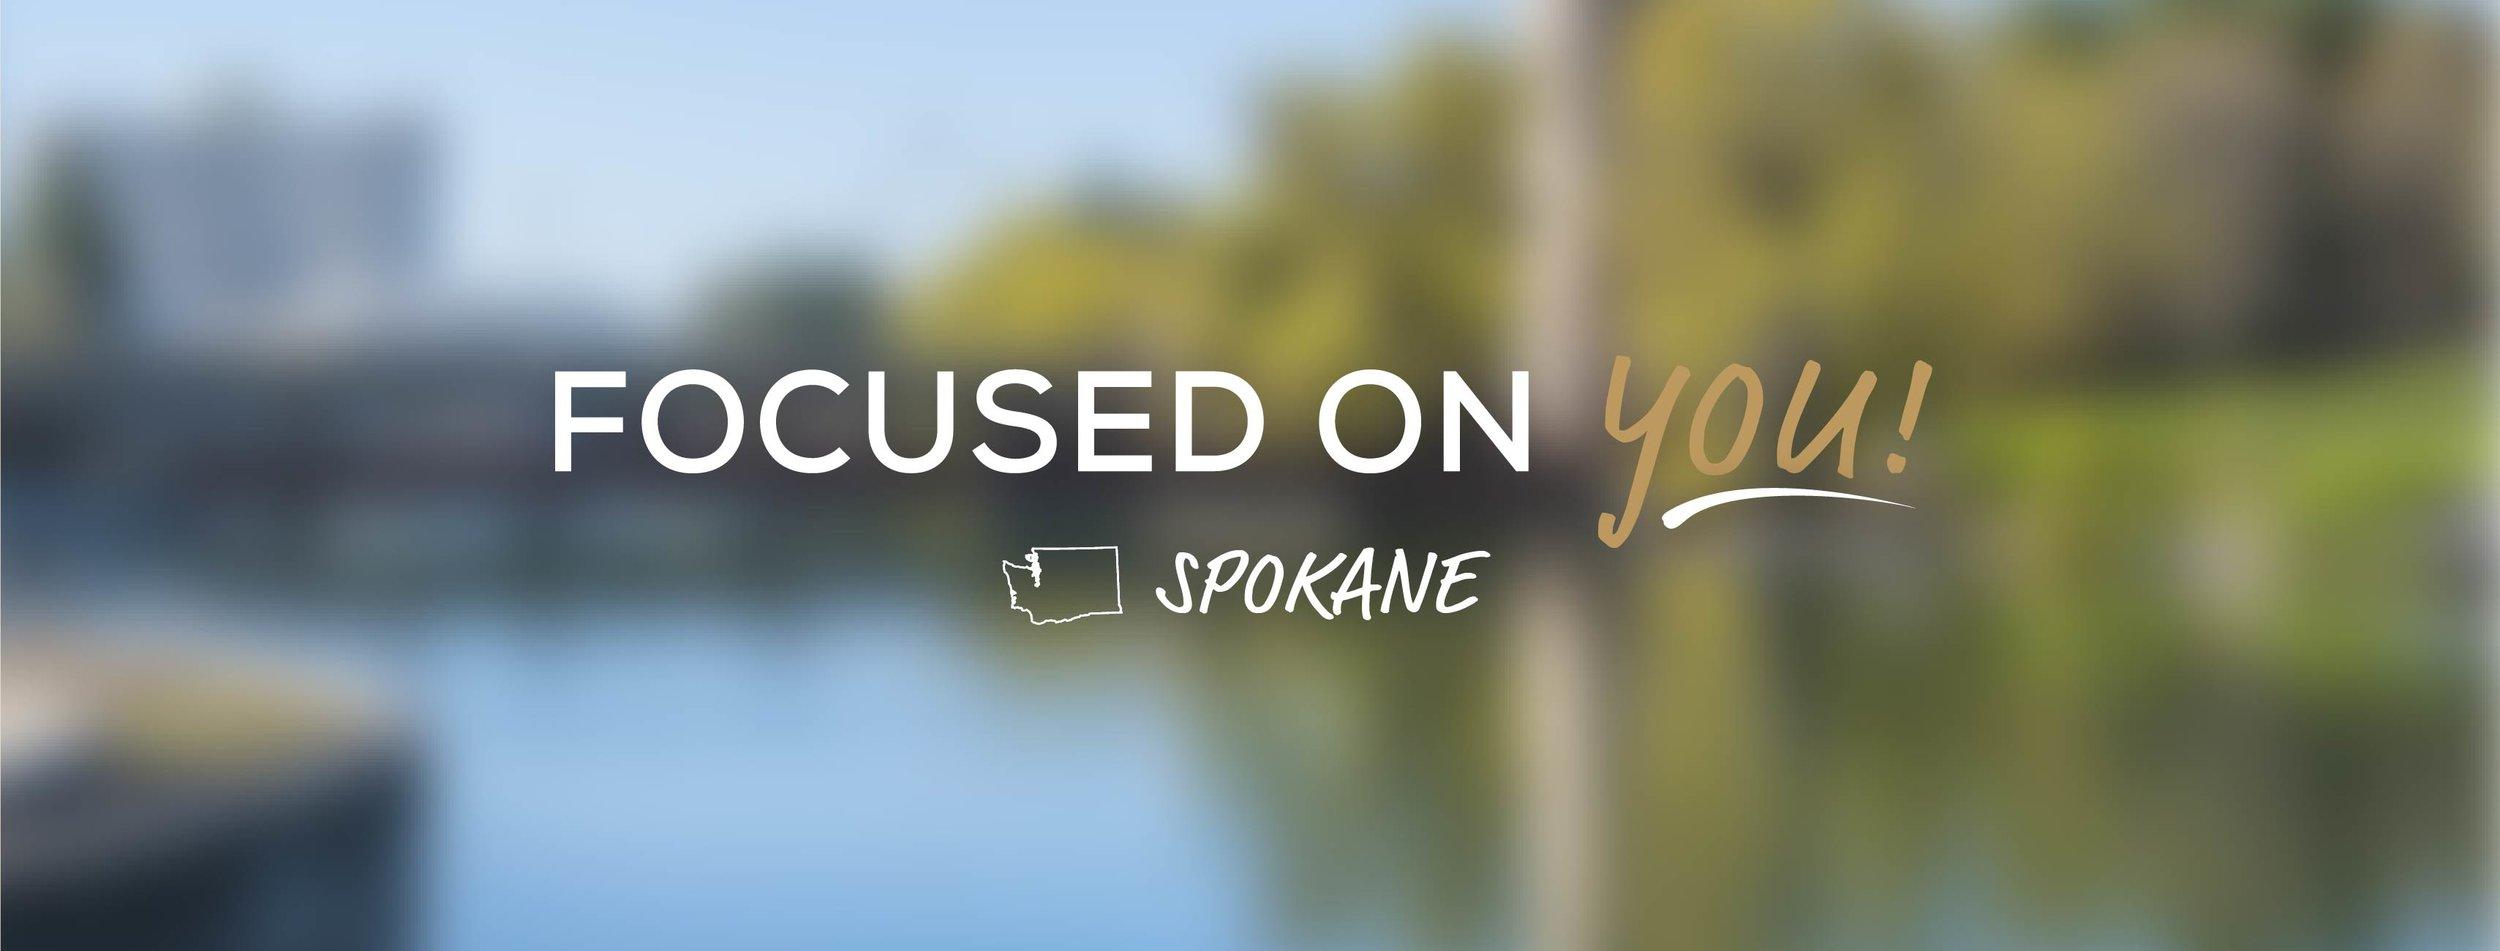 Spokane - 509.923.3303spokane@directorsmortgage.net705 W 7th Ave, Suite A2Spokane, WA 99204